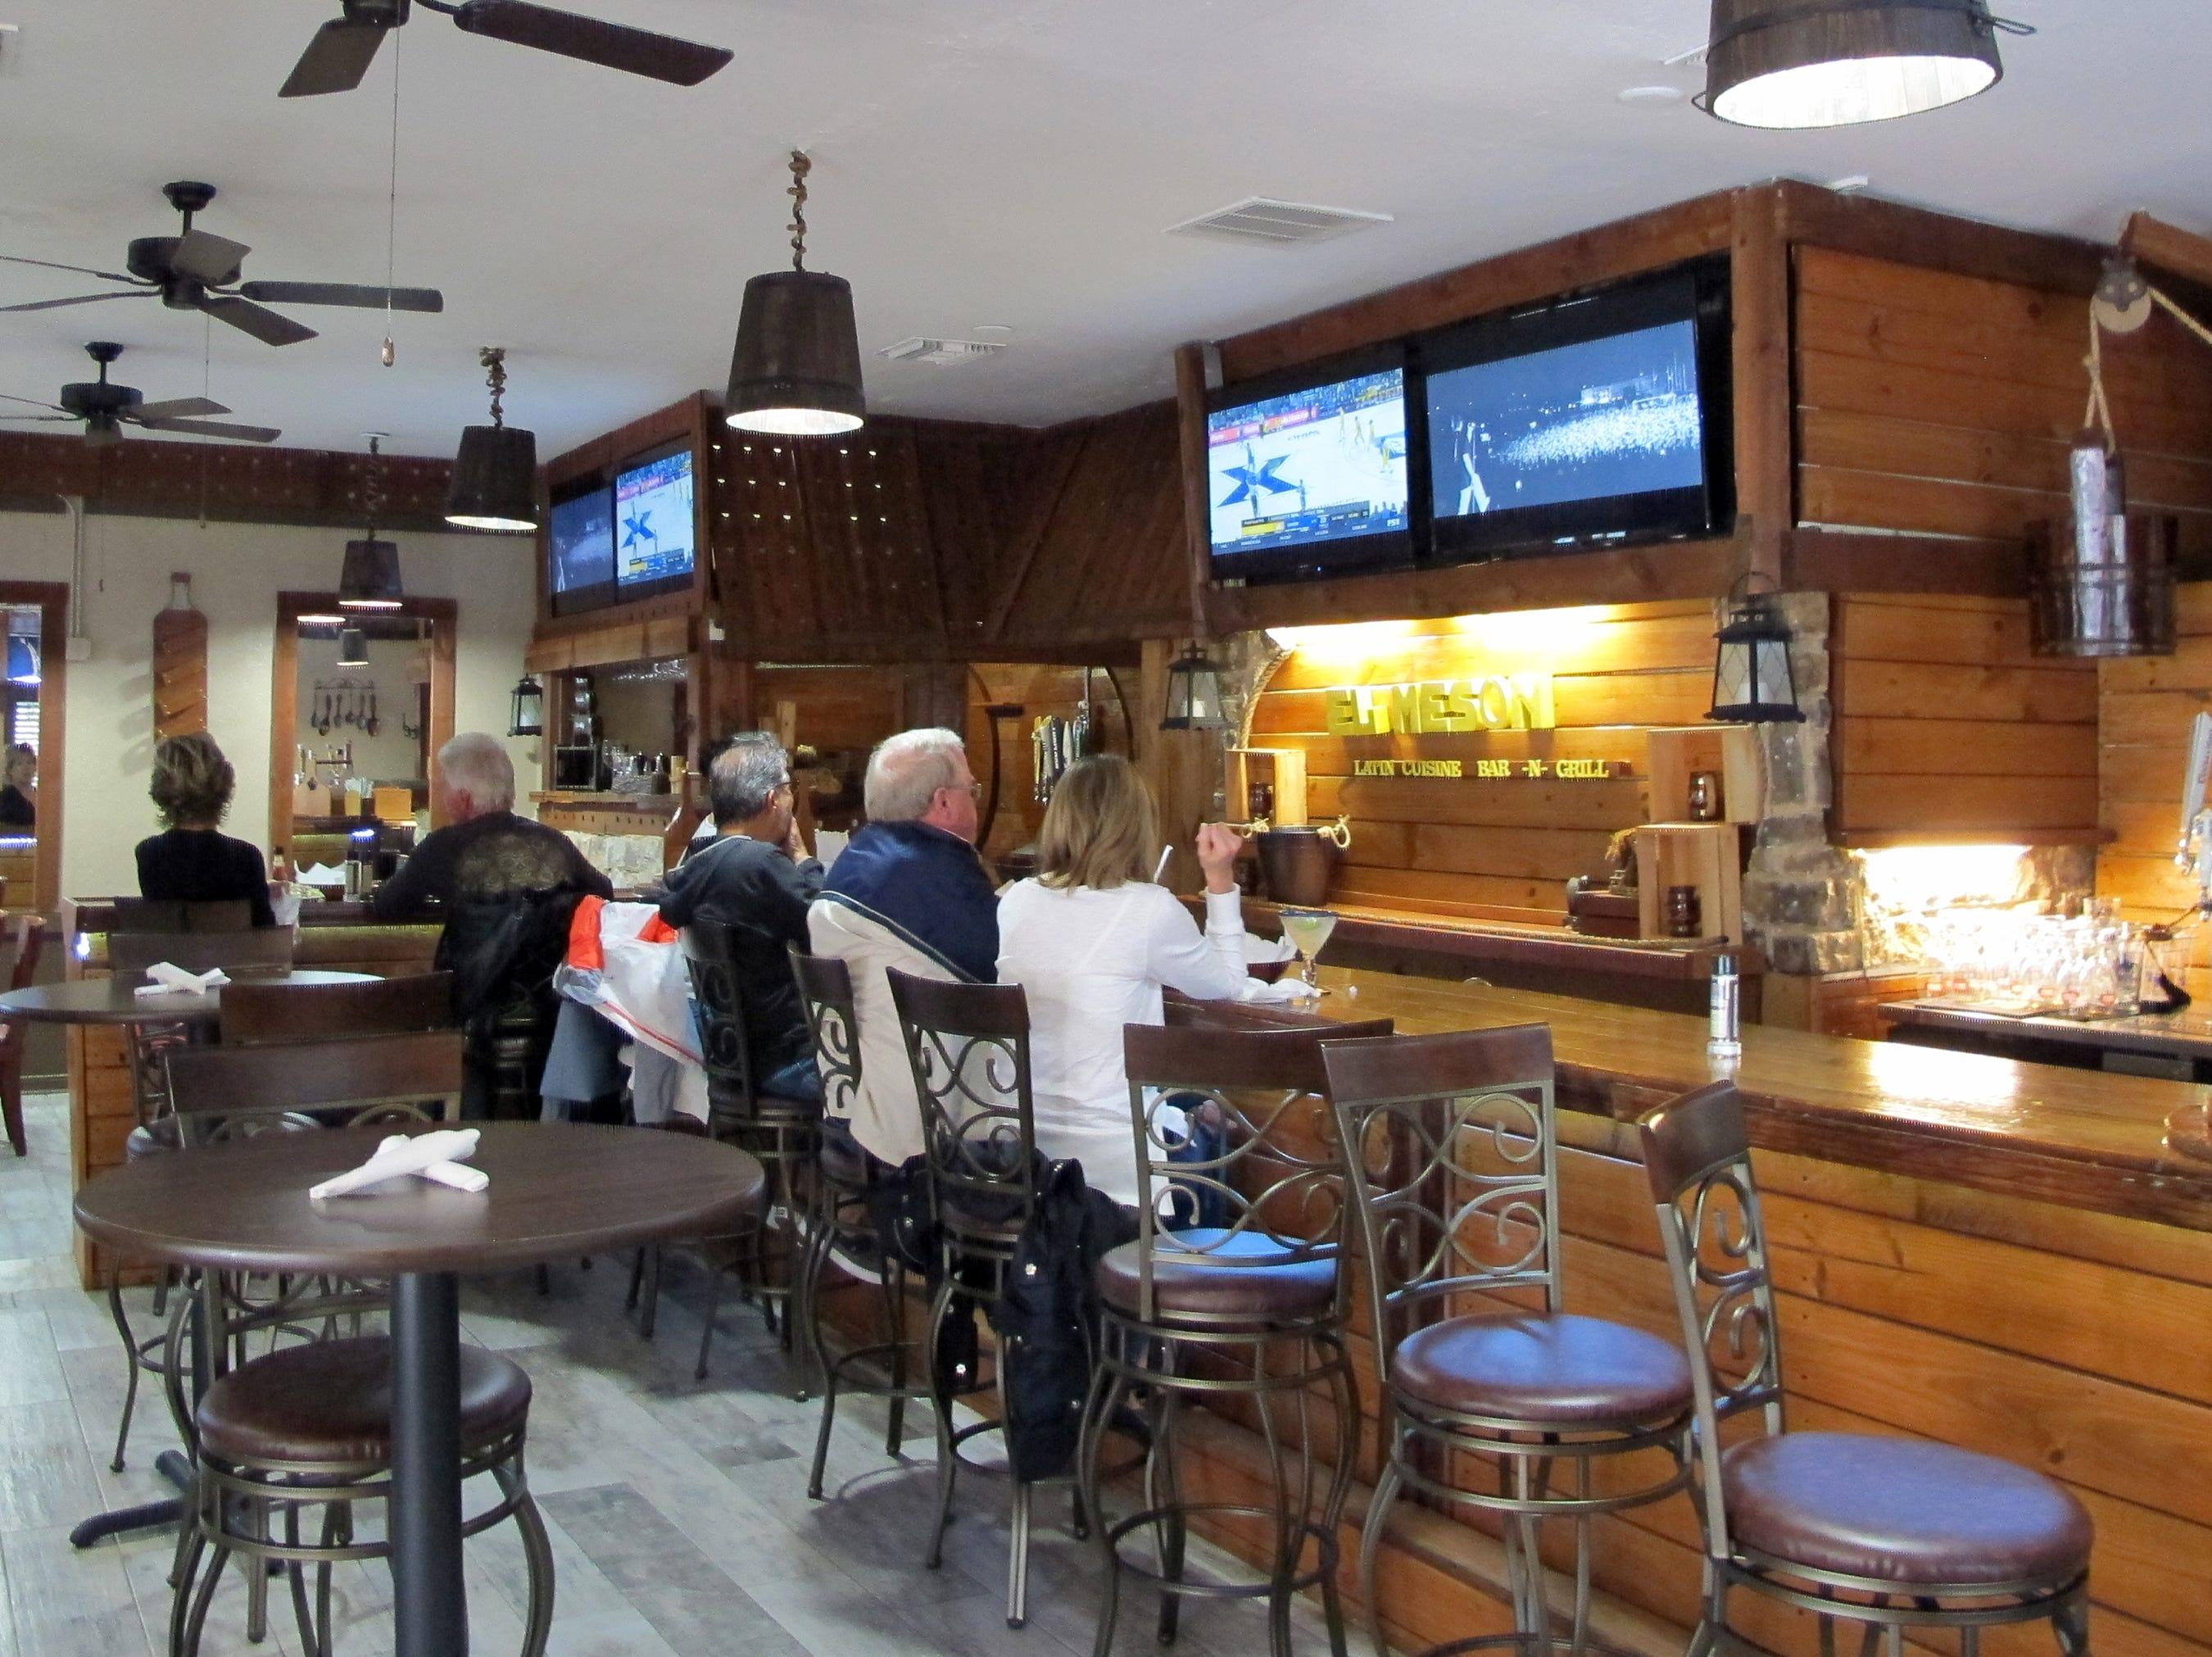 El Meson Latin Cuisine Bar & Grill opened in January 2019 on Bonita Beach Road in Bonita Springs.